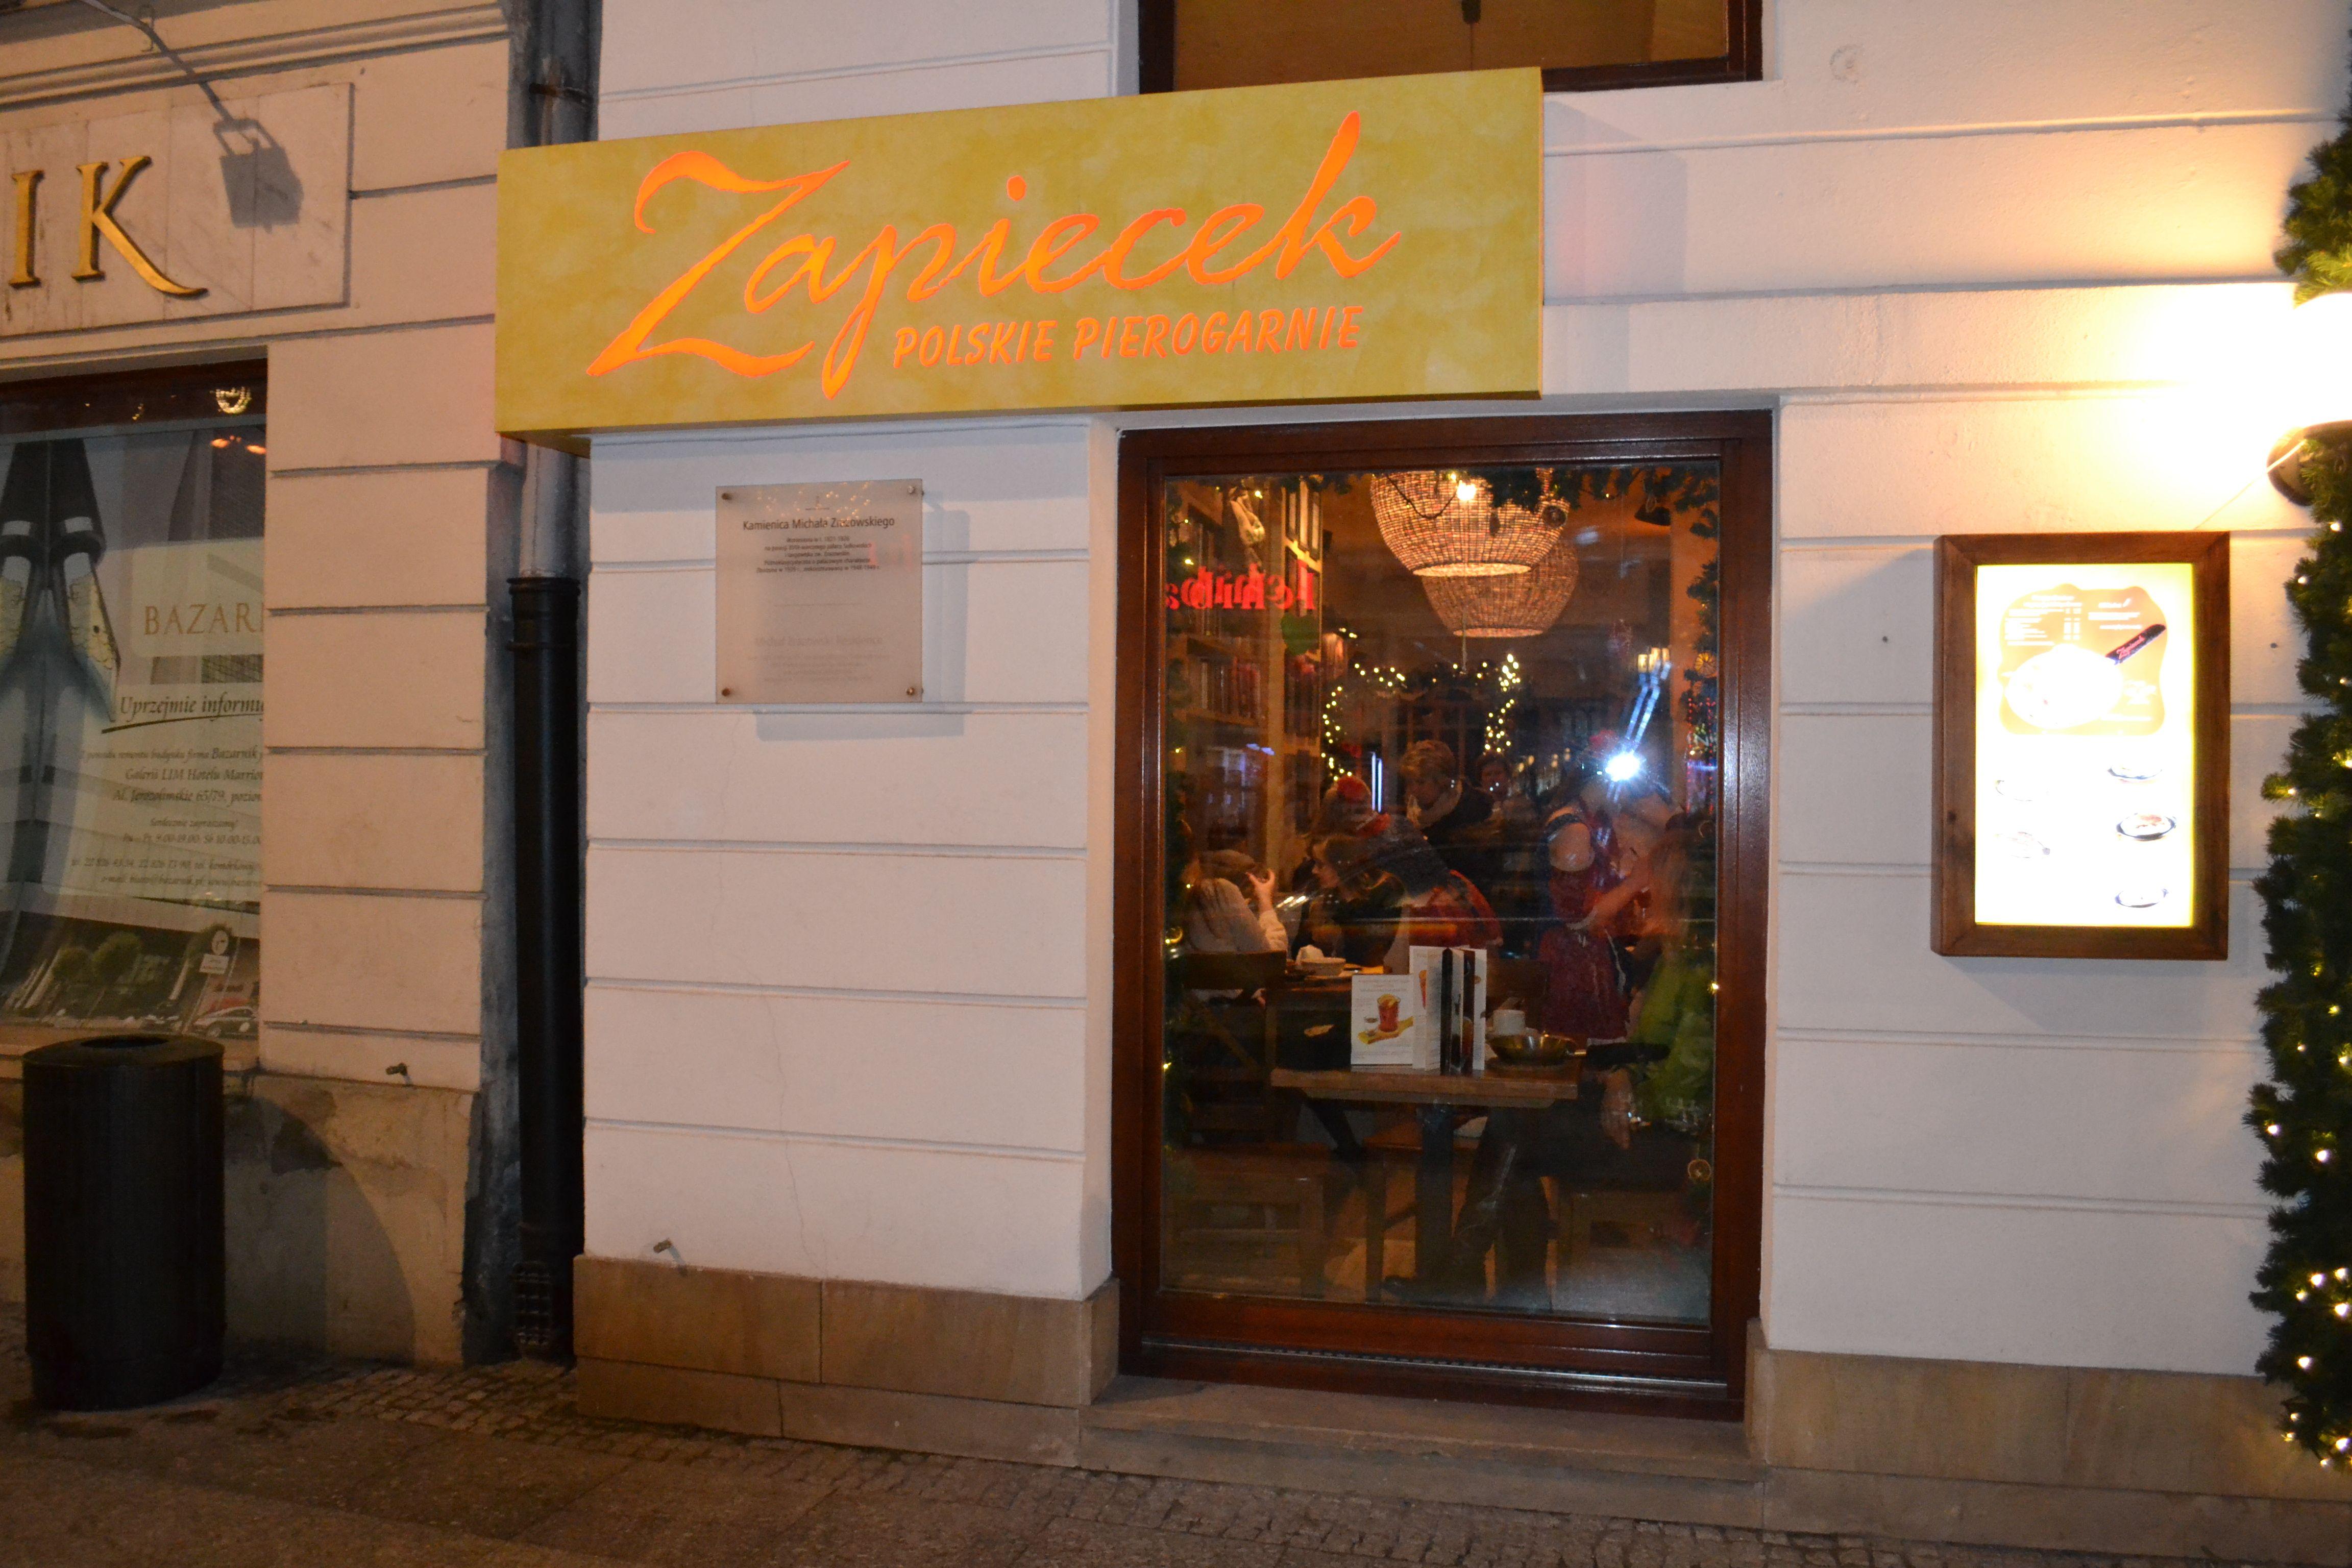 Polonia ristoranti - Agenzie immobiliari polonia ...